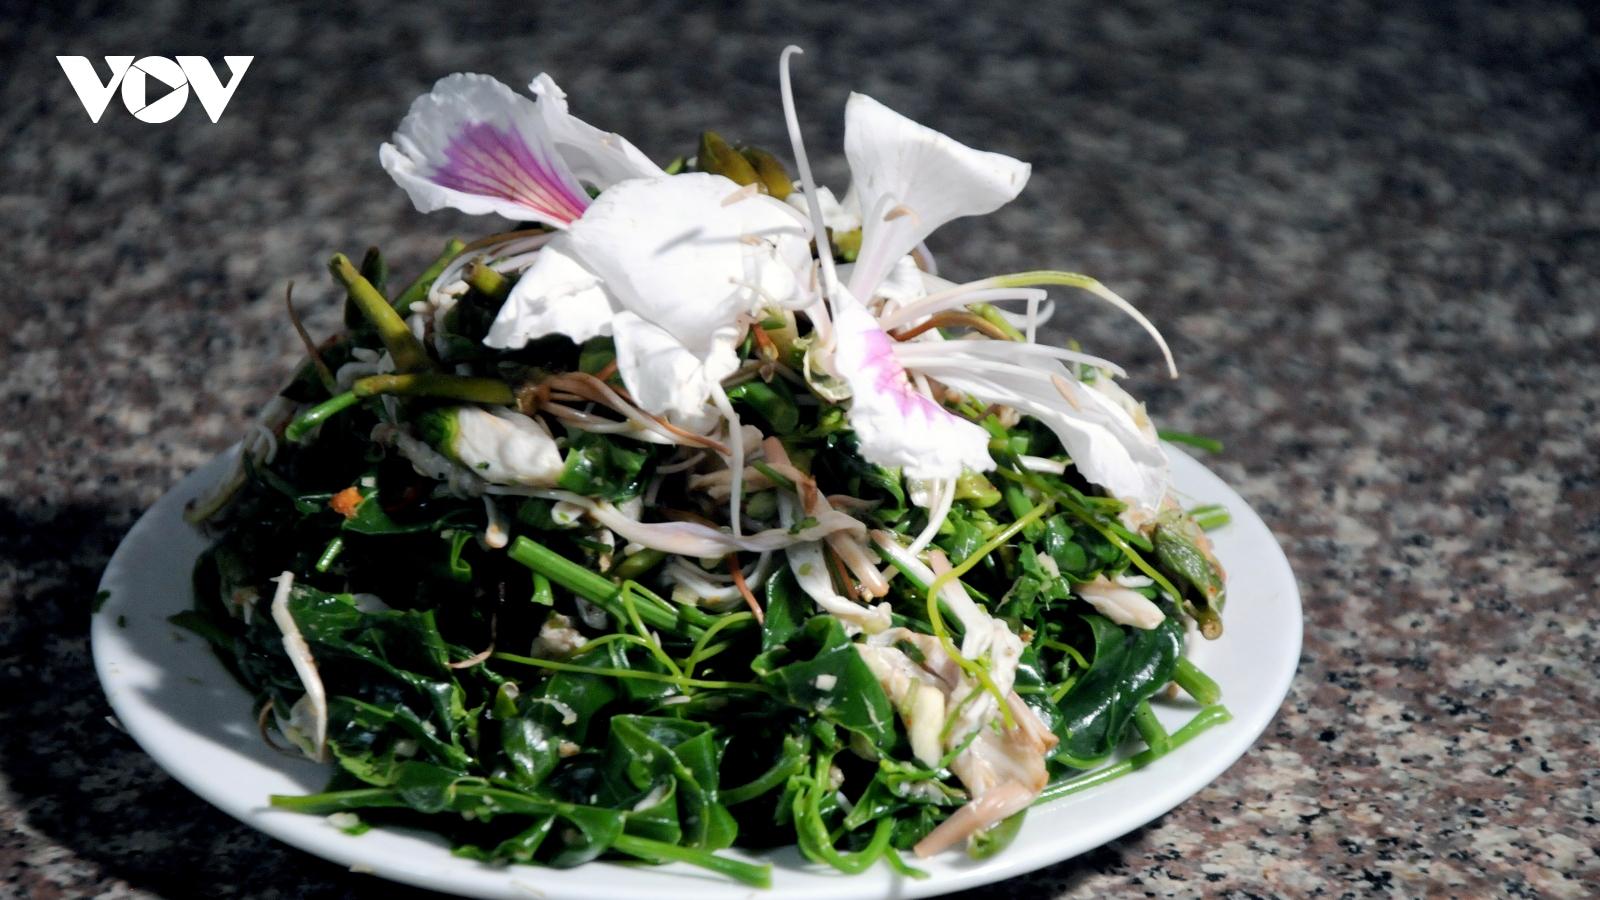 Lên Sơn La thưởng thức món ăn hấp dẫn từ hoa ban